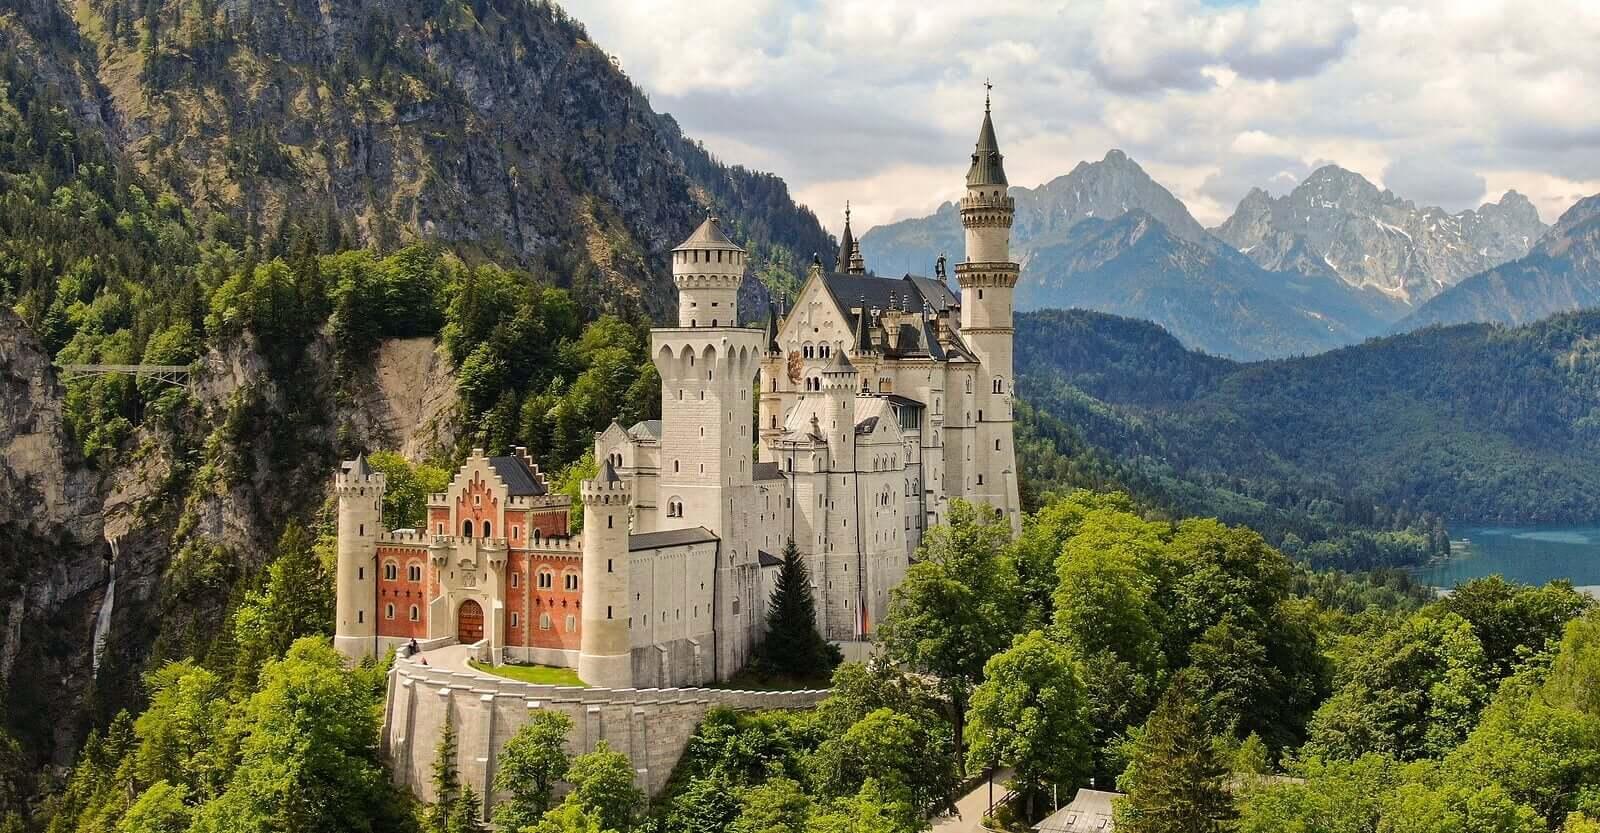 castelos de contos de fadas para visitar com os seus filhos